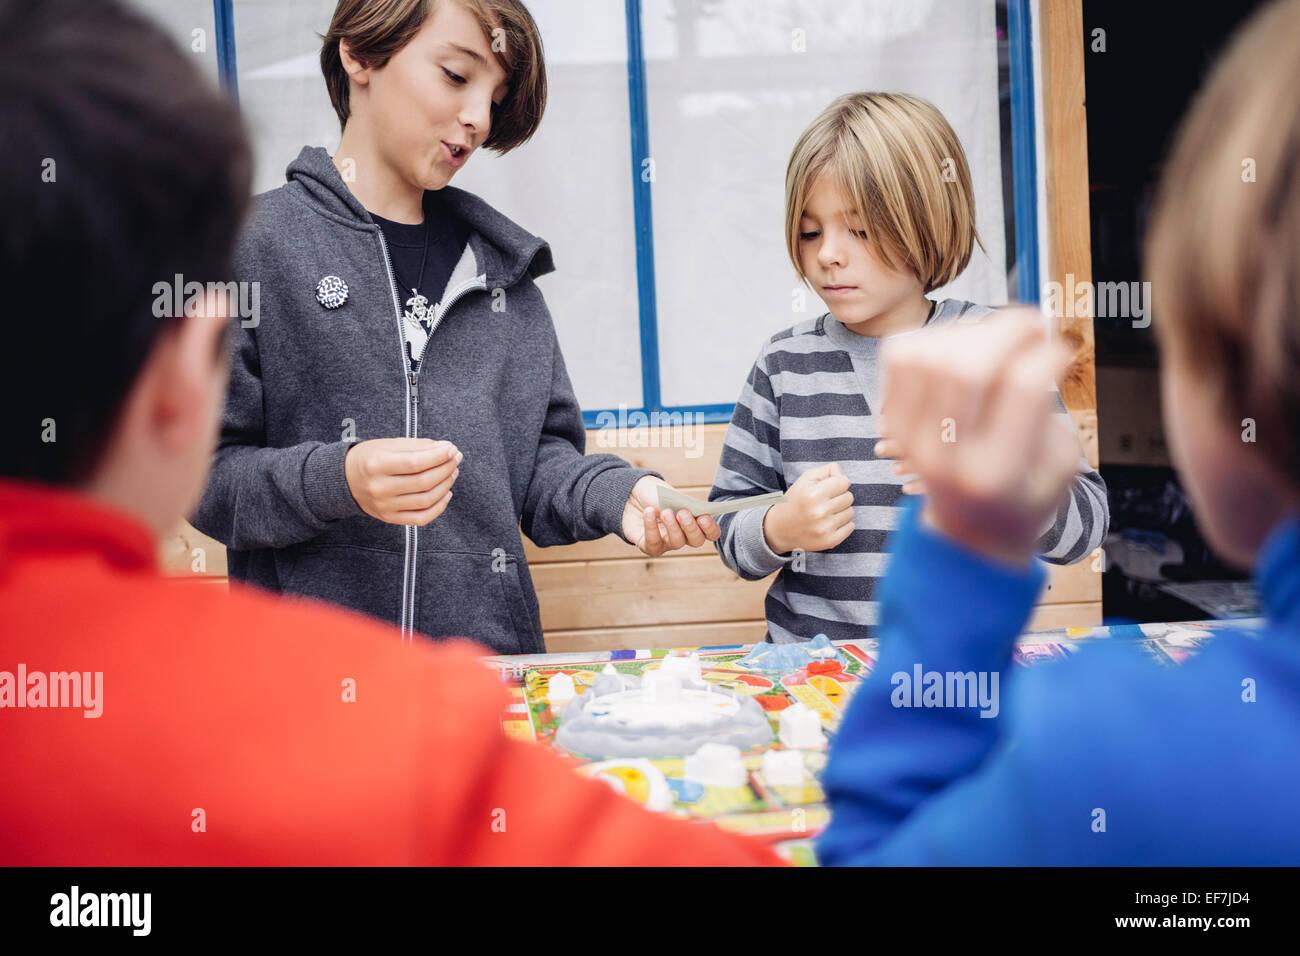 Bambini che giocano con i giocattoli Immagini Stock